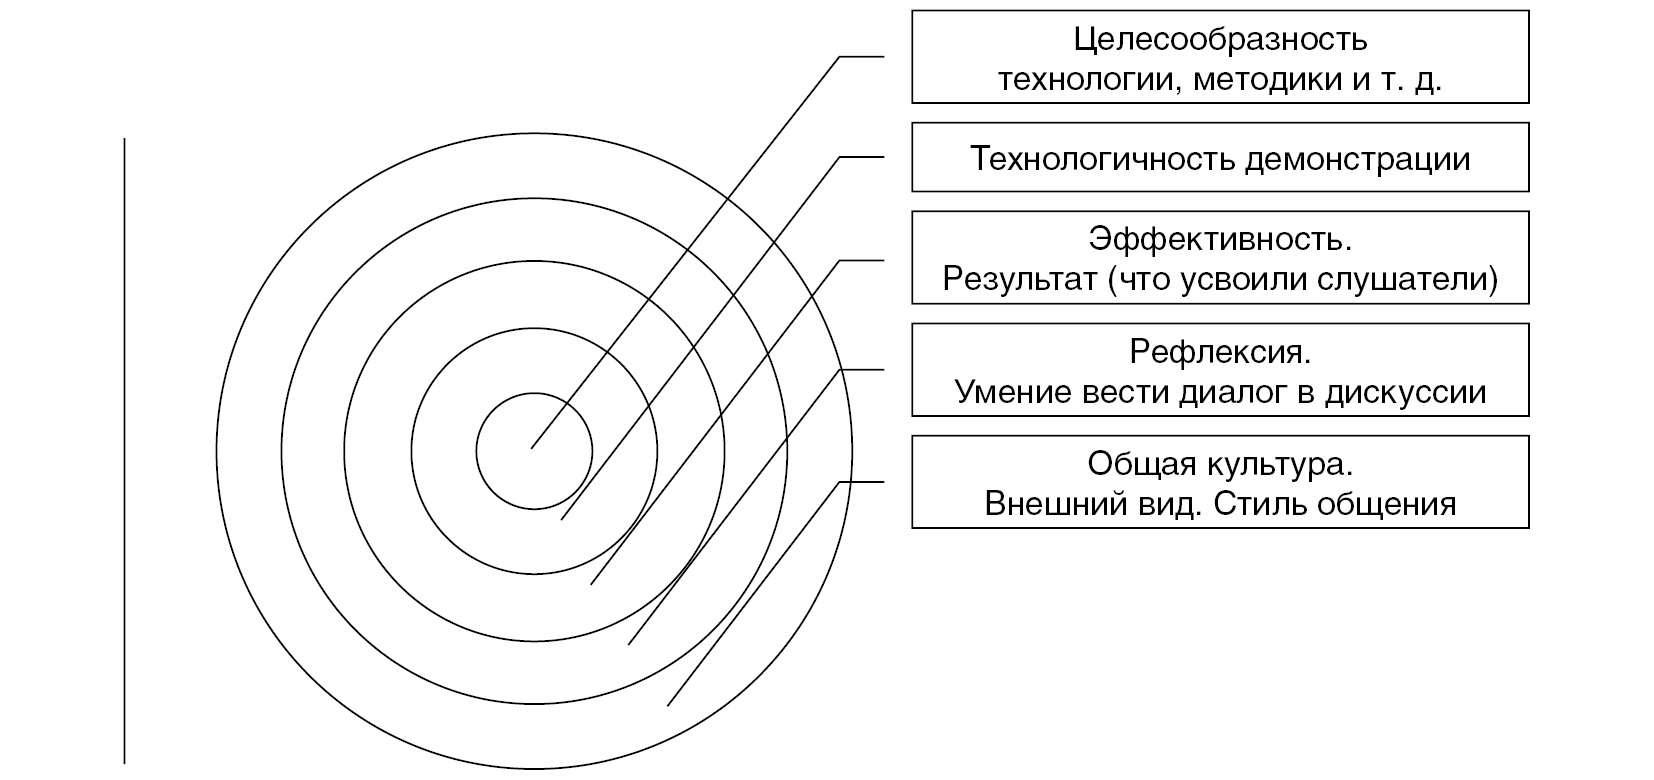 Внутрикорпоративная система подготовки педагогов к  конкурсам профессионального мастерства